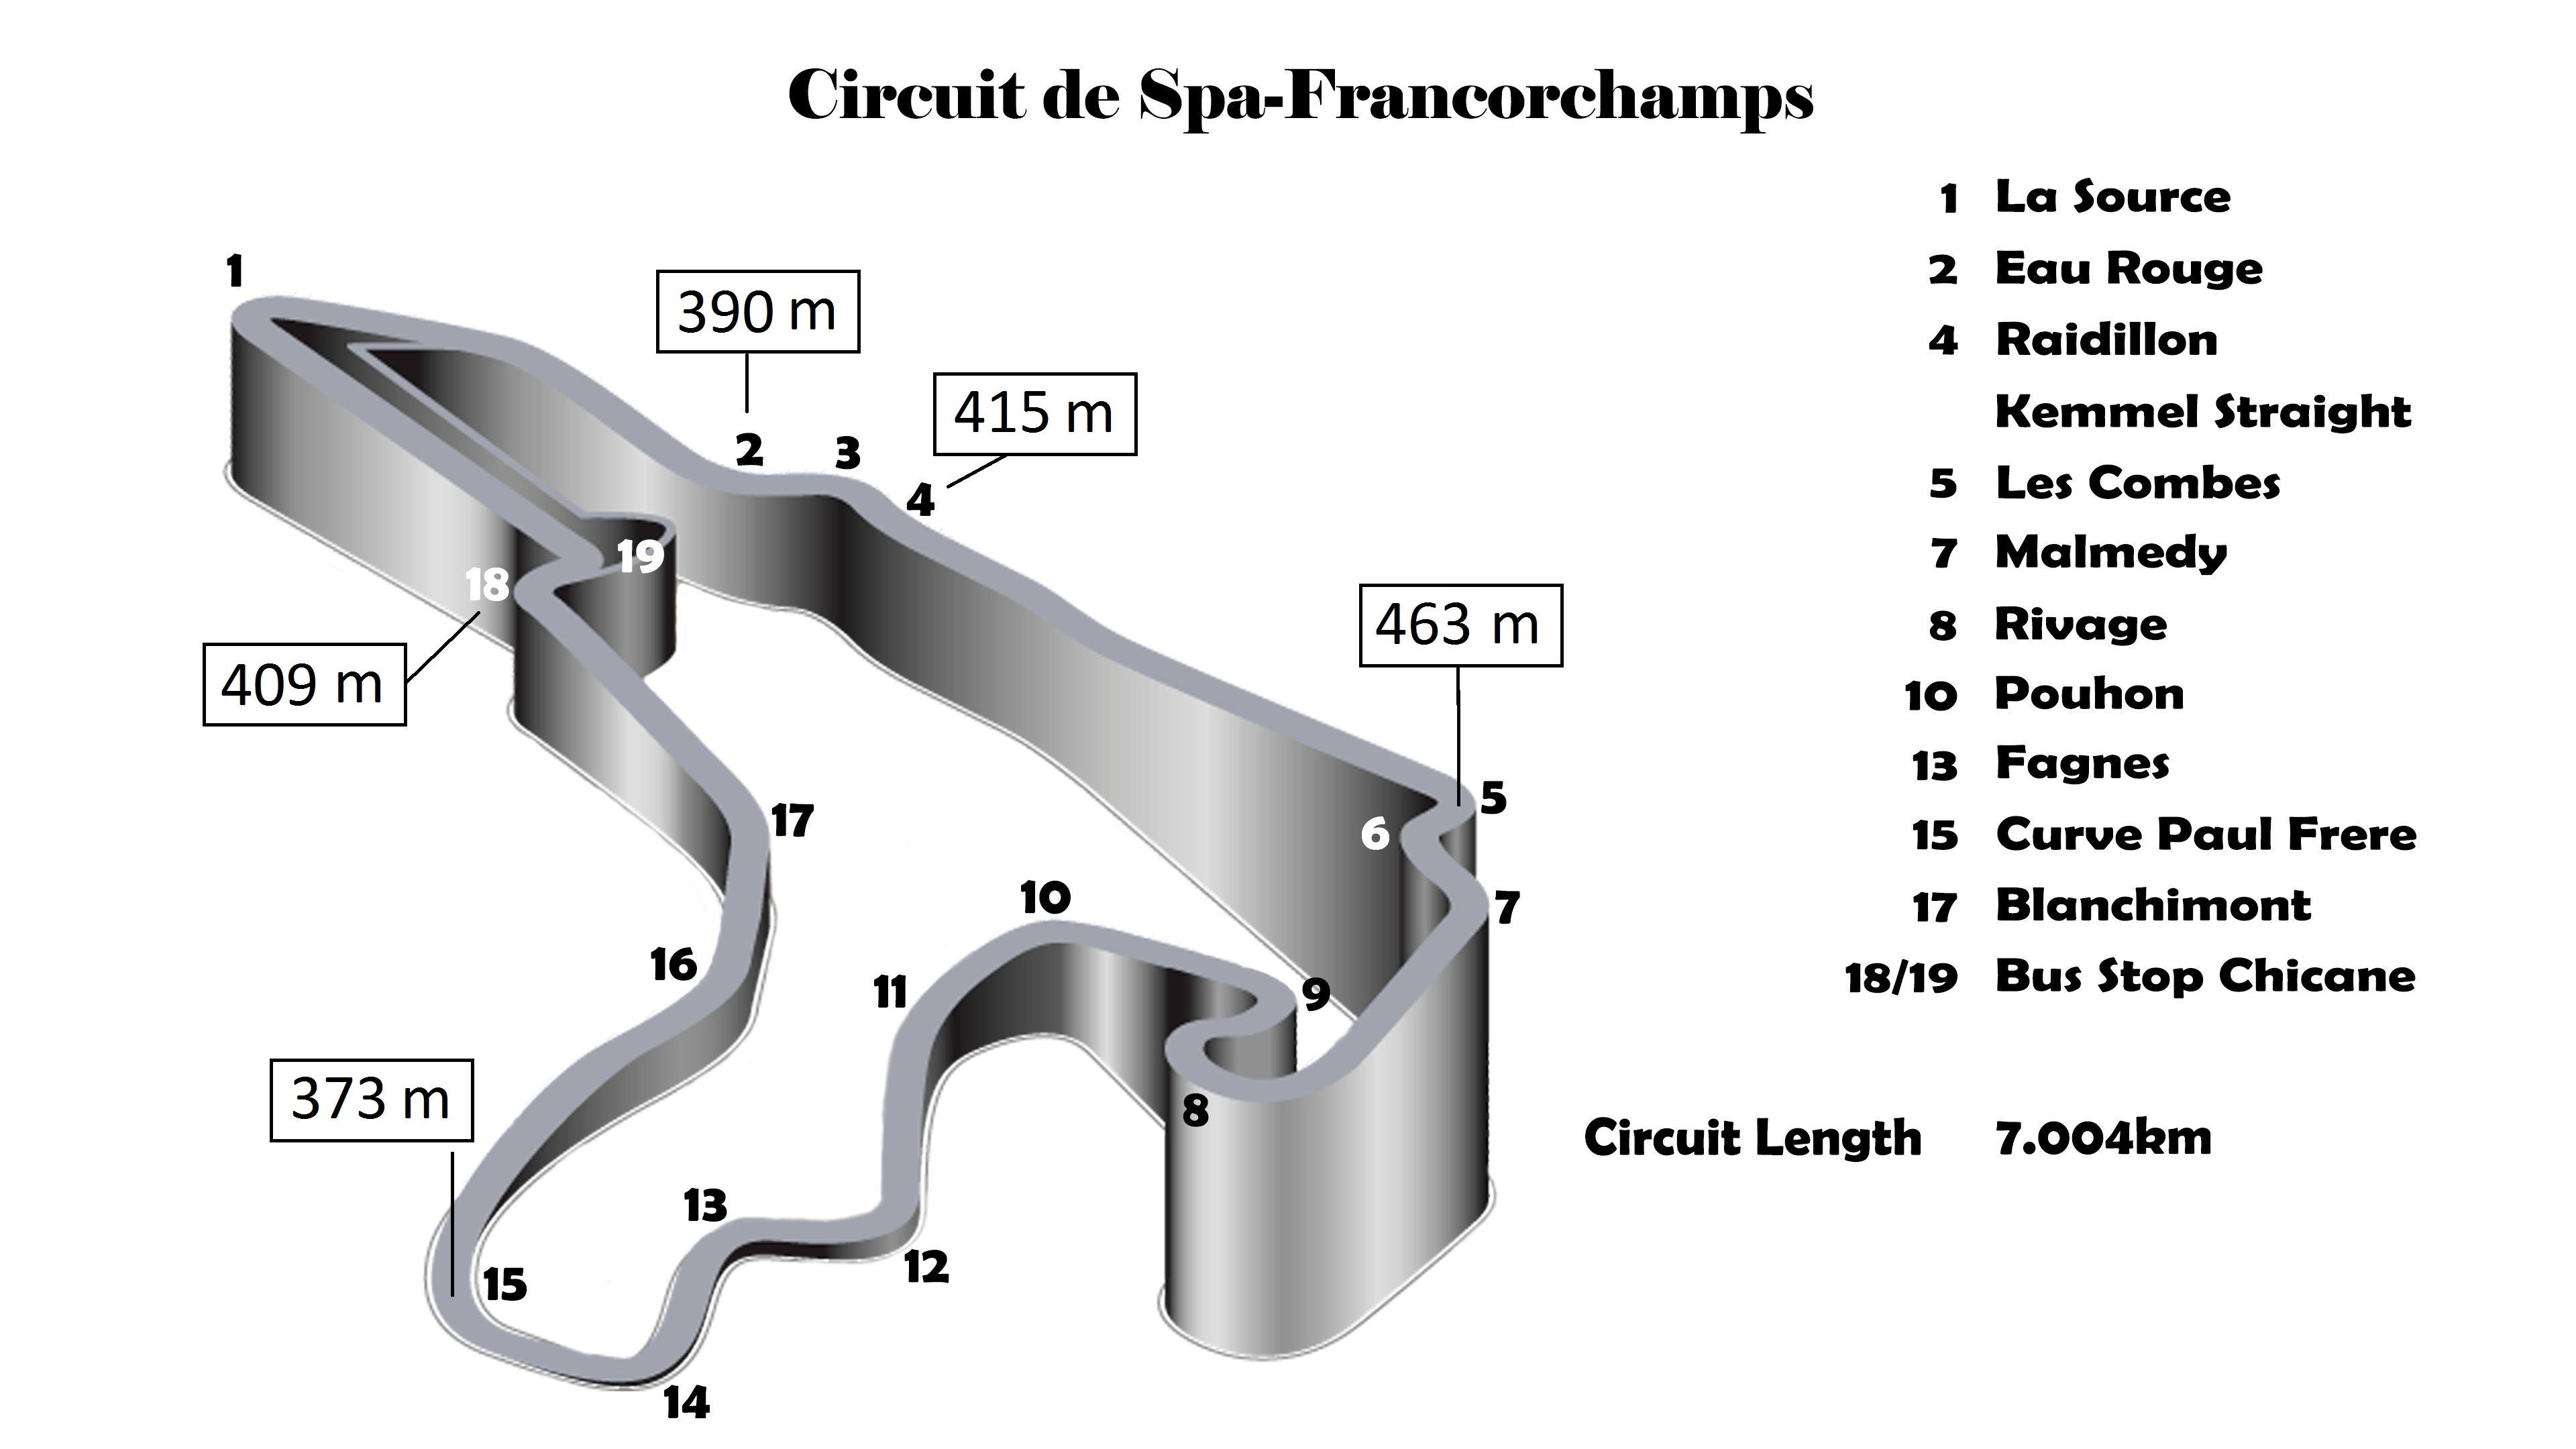 Circuito Spa : Il circuito più bello del mondo debriefing il blog di giorgio ferro